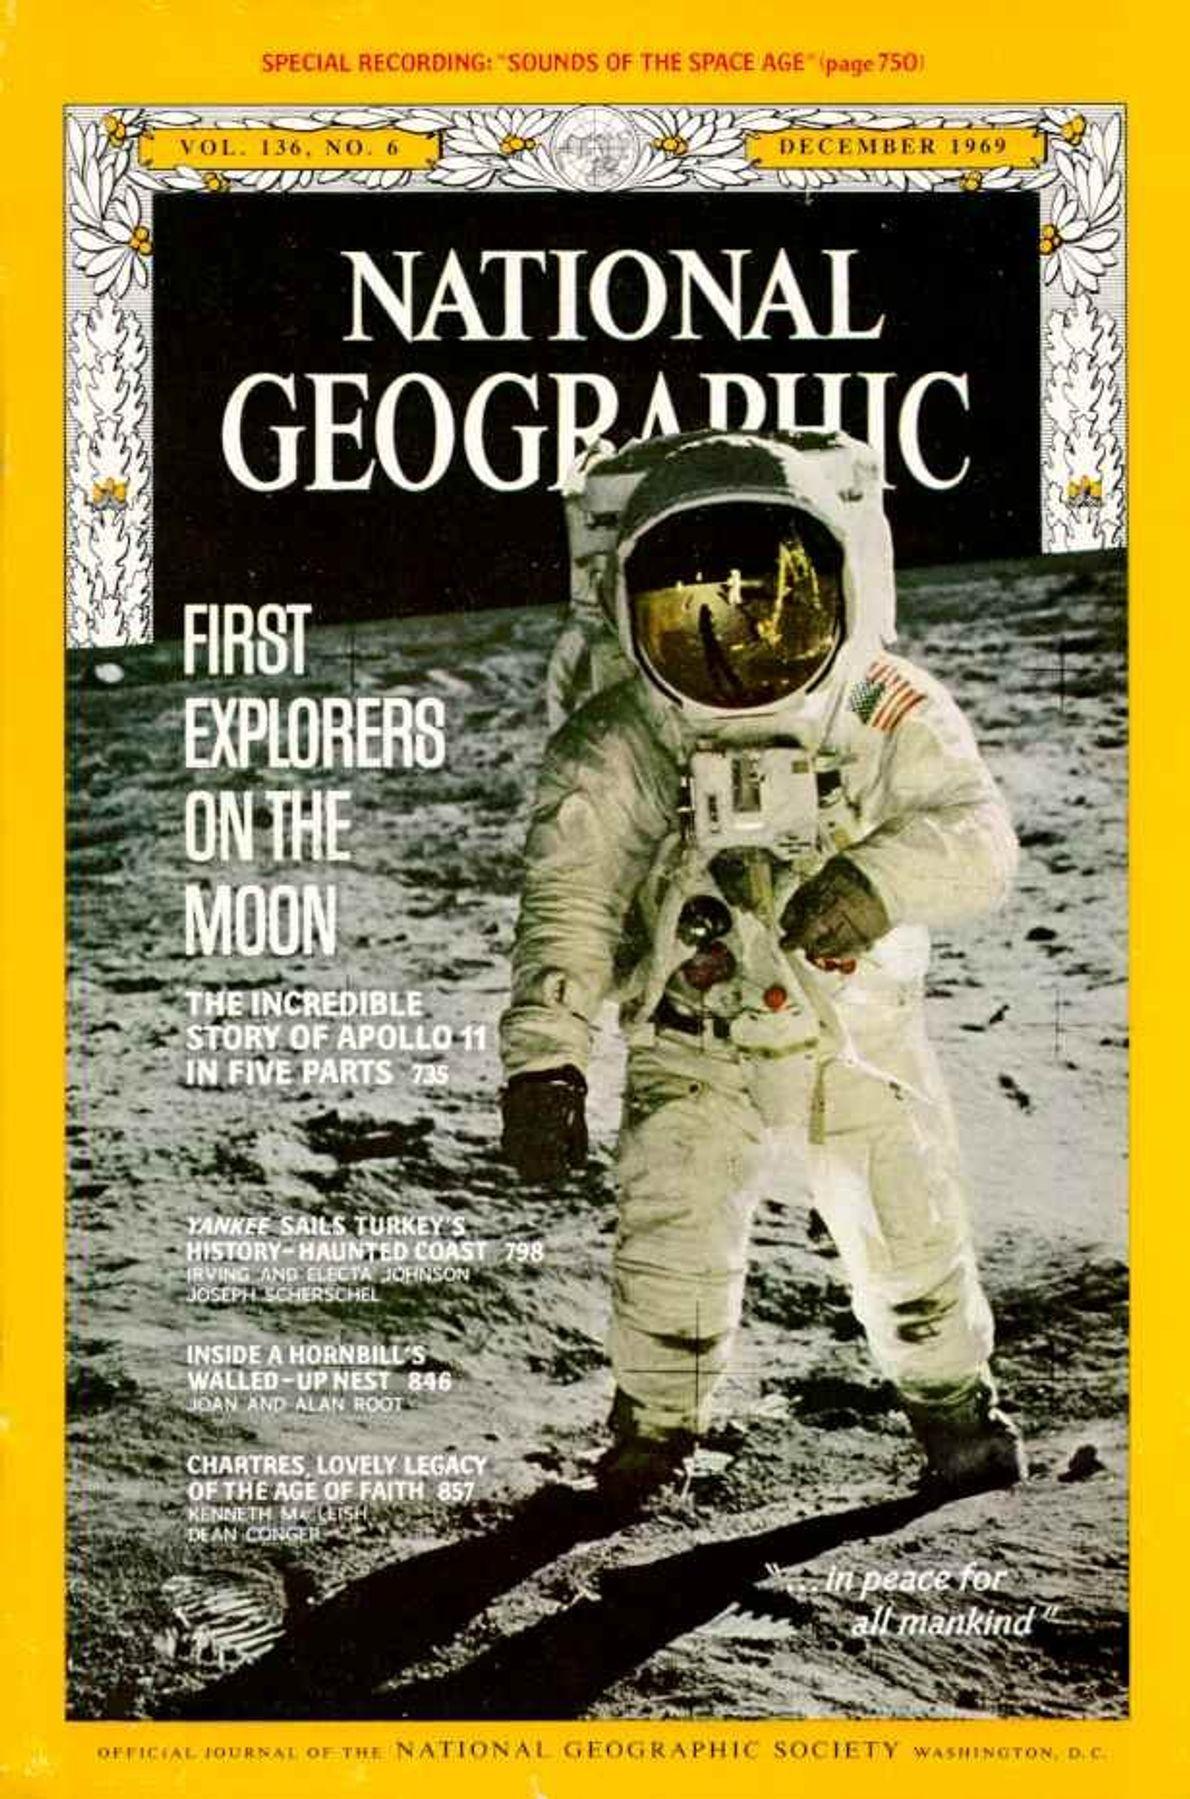 DEZEMBRO DE 1969— ALUNAGEM DA APOLLO 11